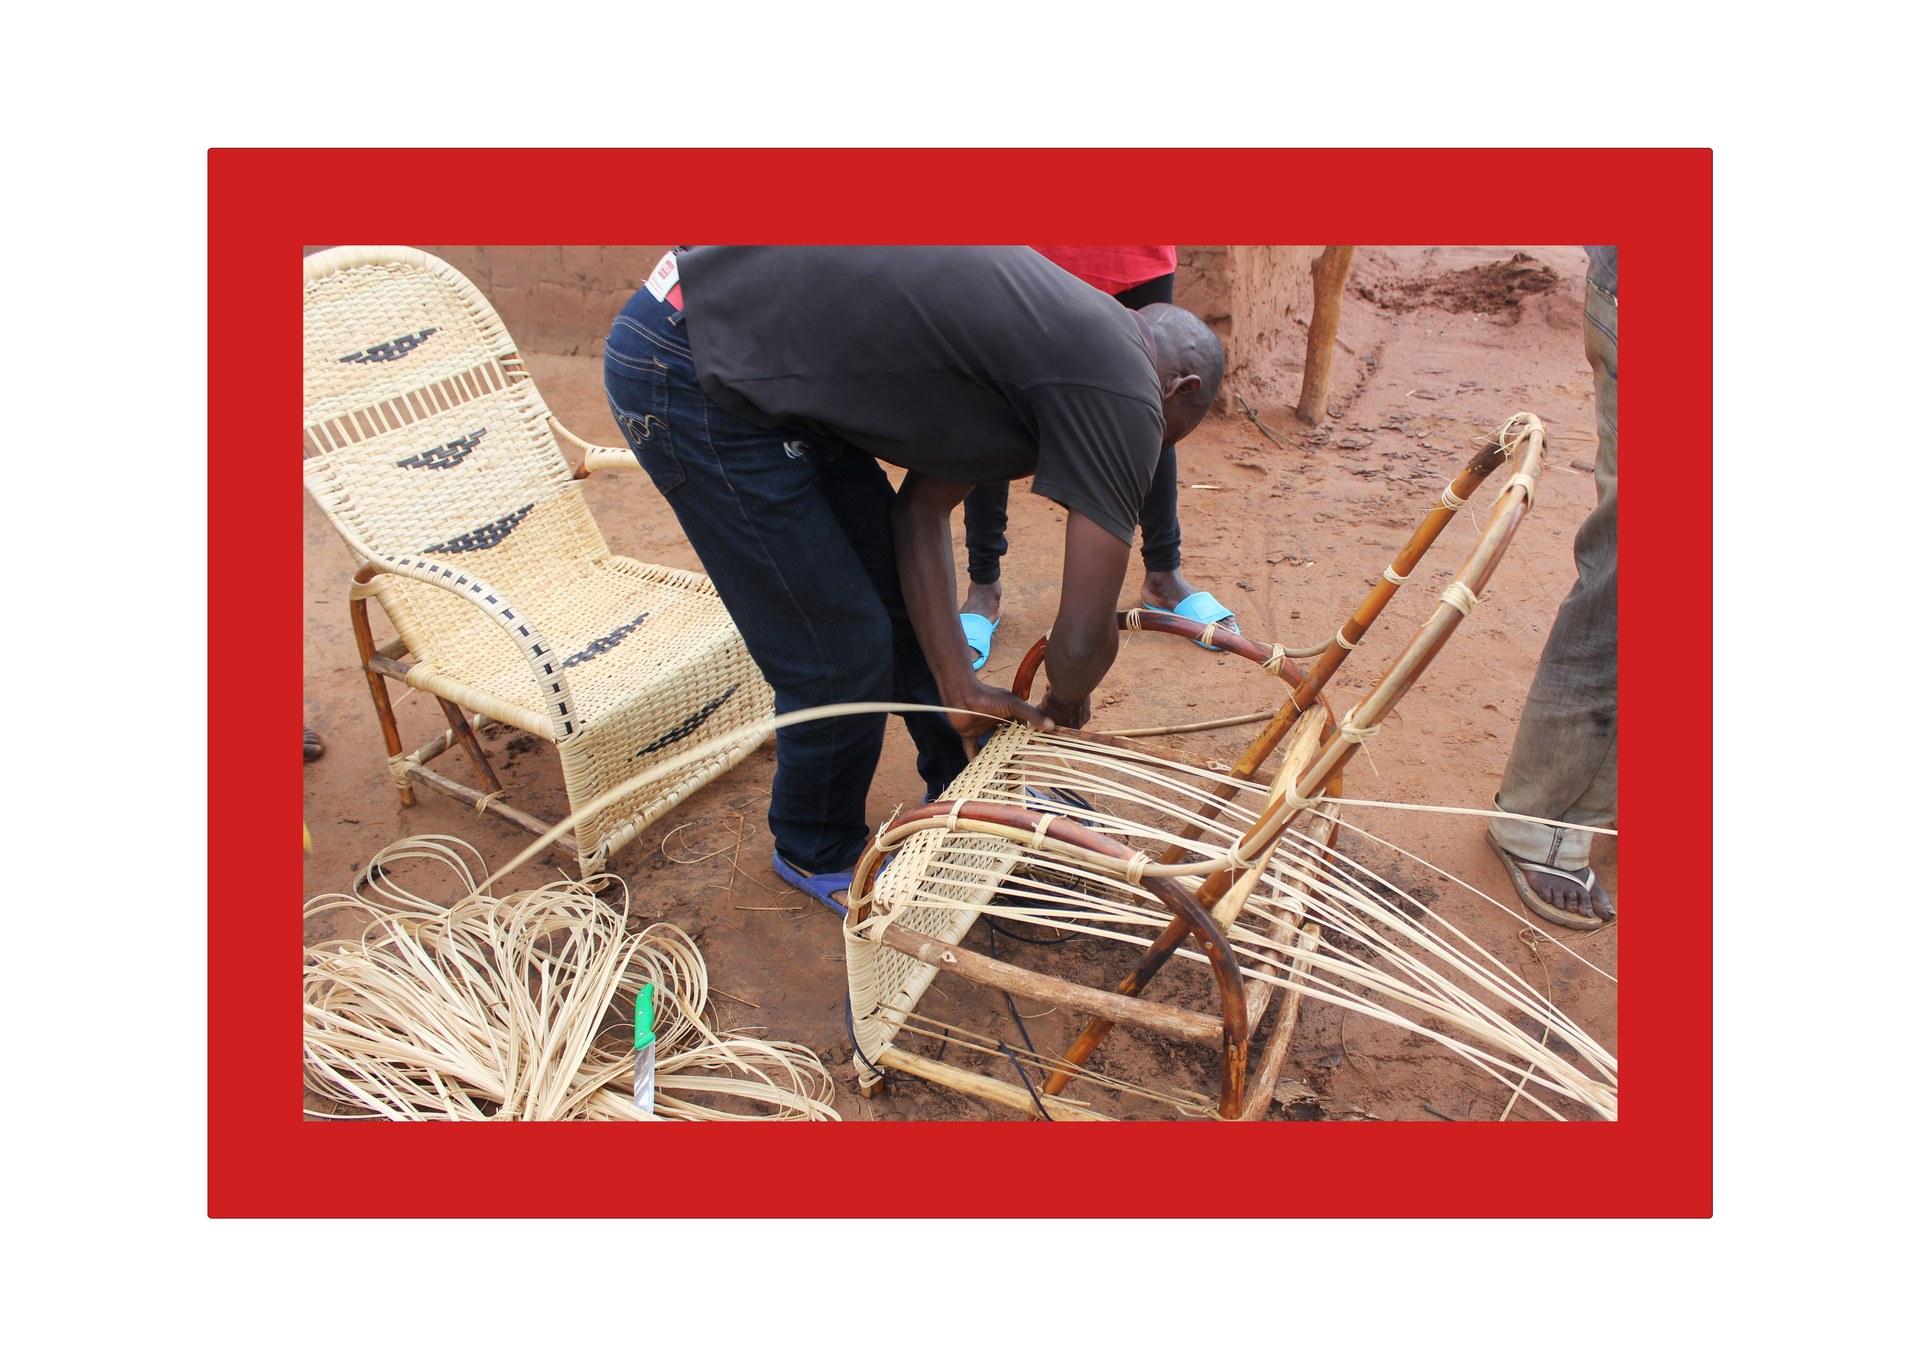 João making a chair